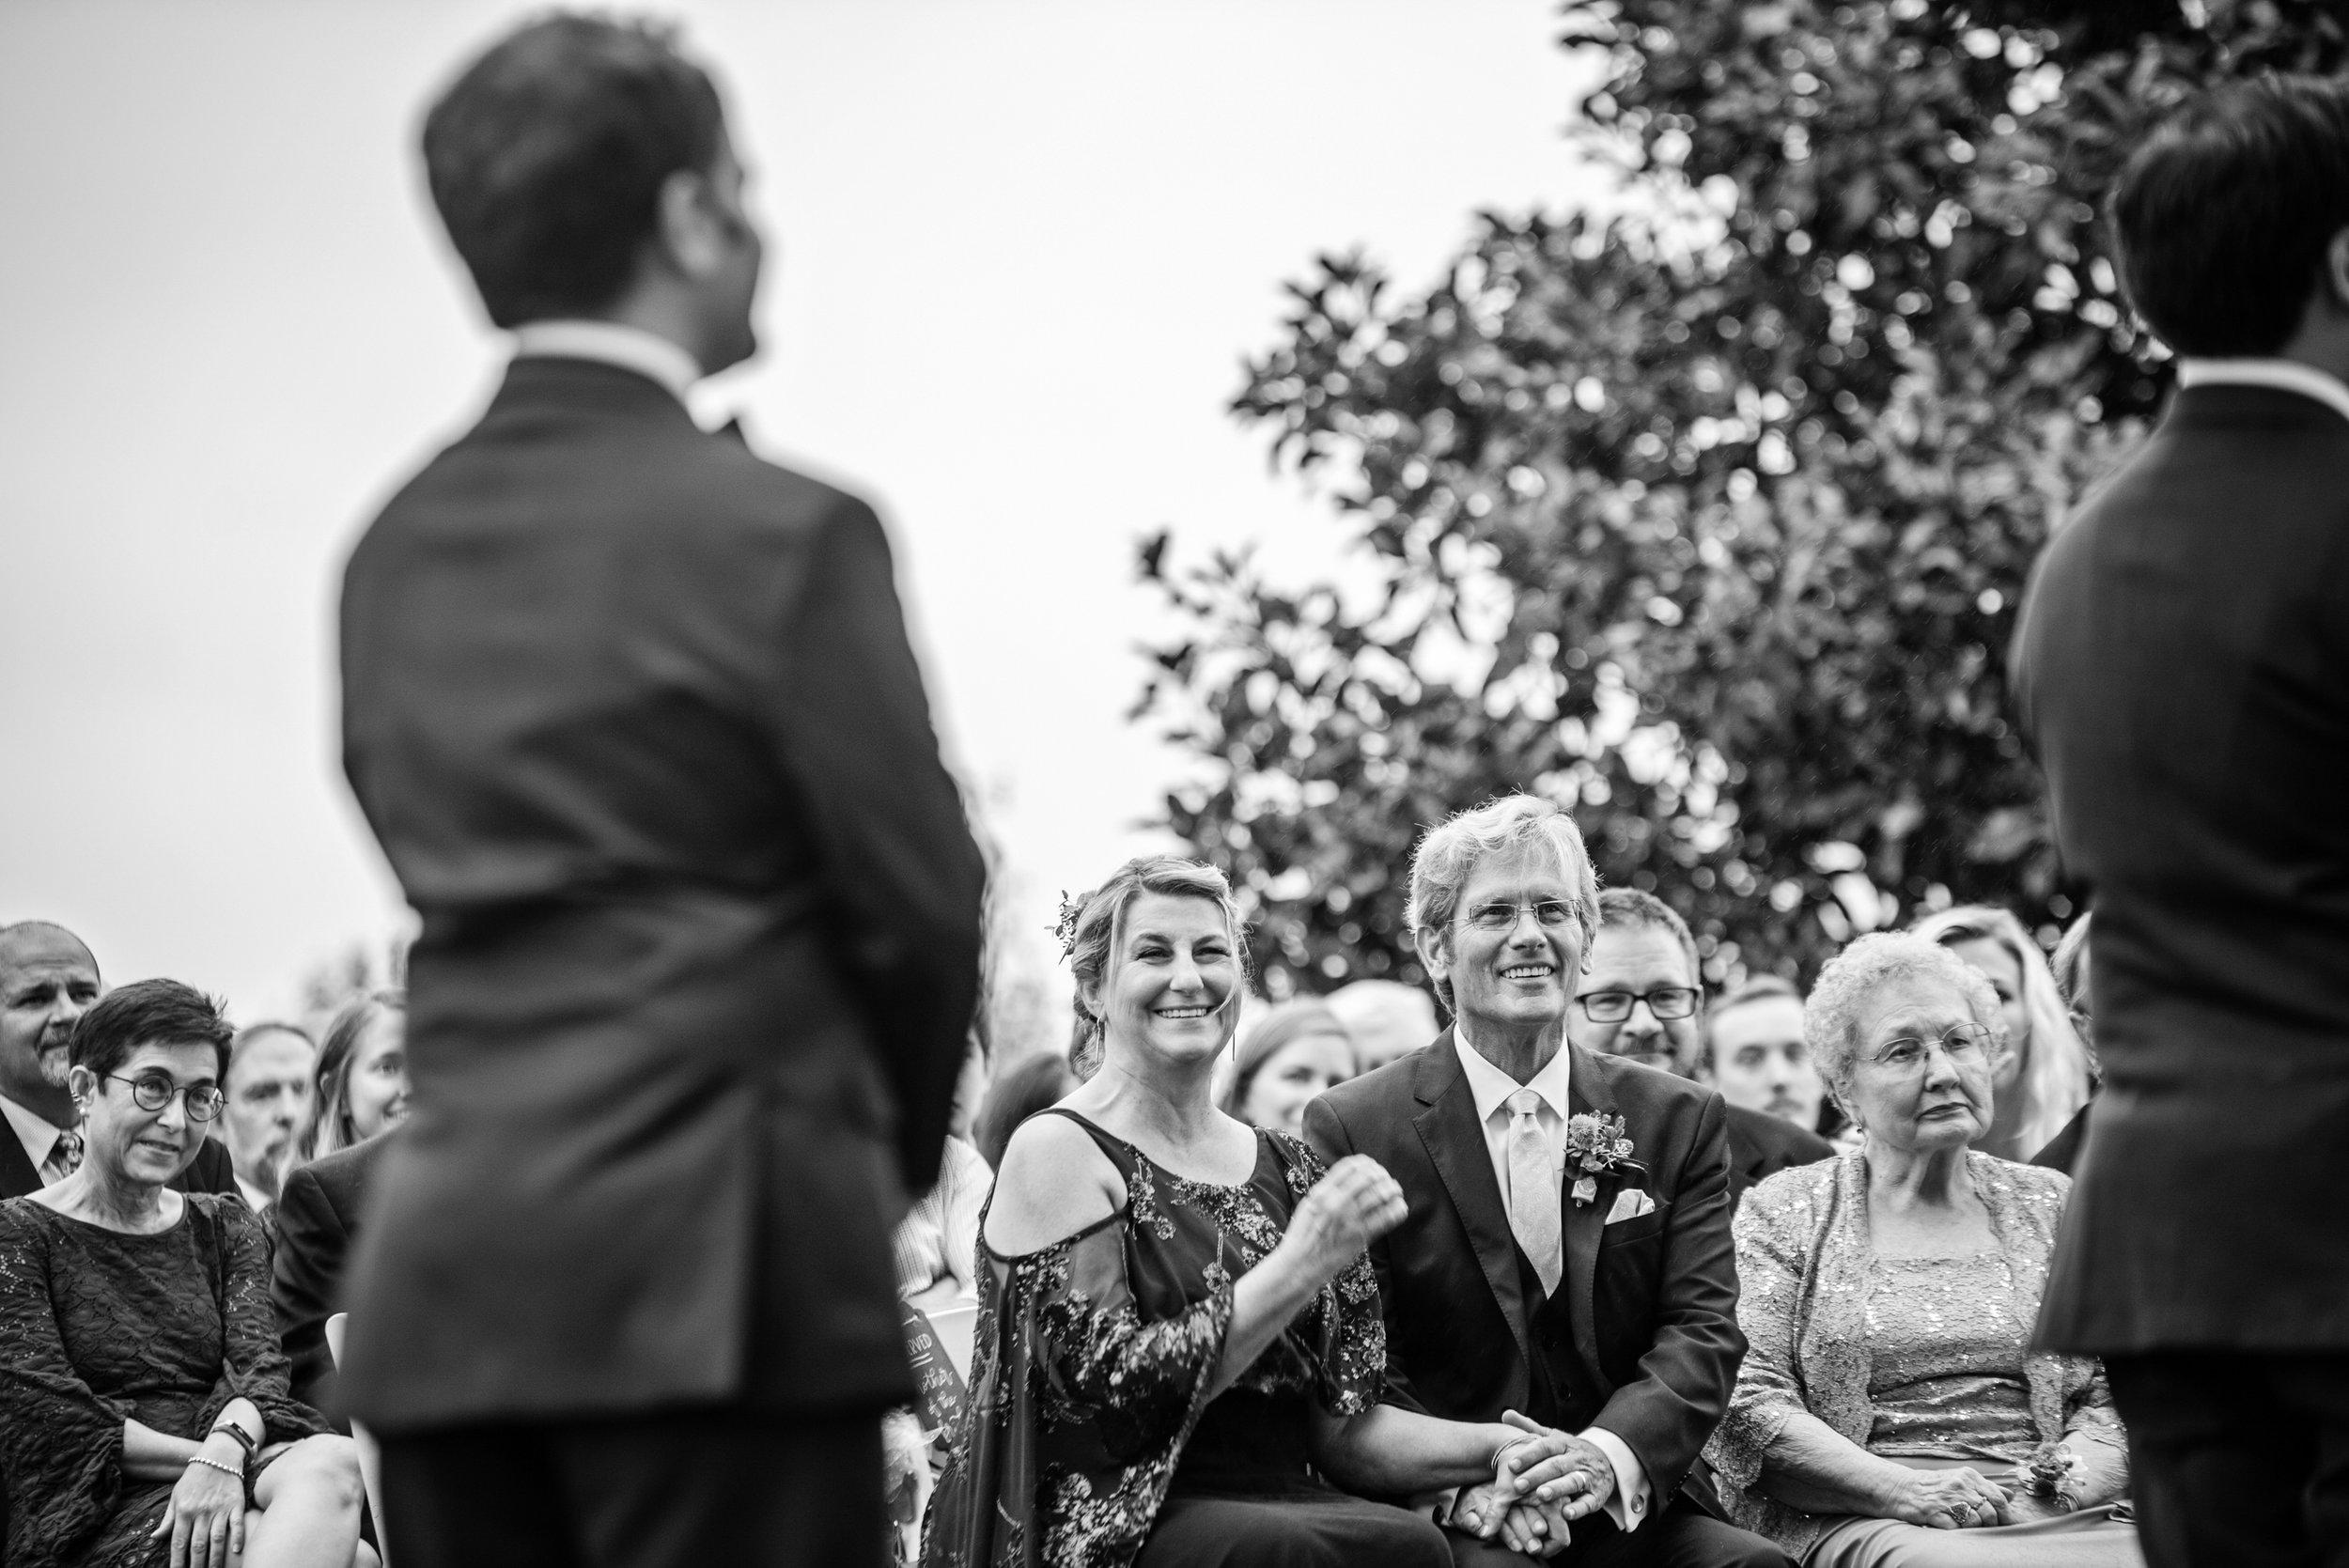 WalkersOverlookWedding-Angela&Ben-Ceremony-19.jpg